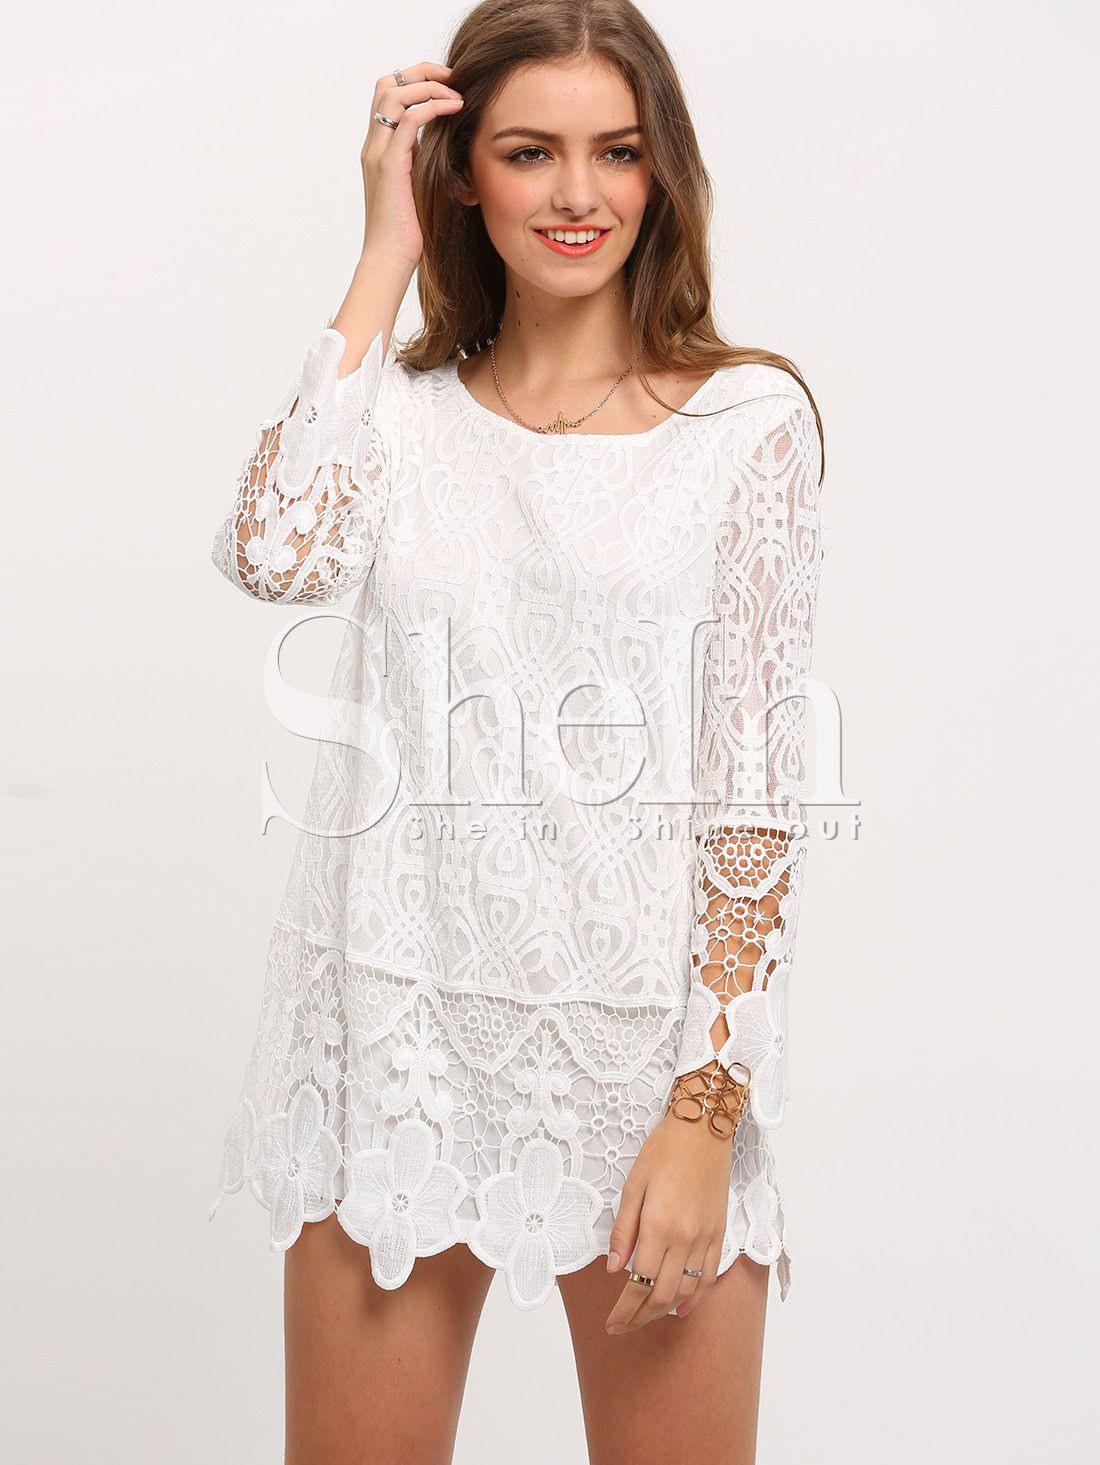 Designer Genial Weiße Kleider Mit Spitze Ärmel13 Einfach Weiße Kleider Mit Spitze Bester Preis